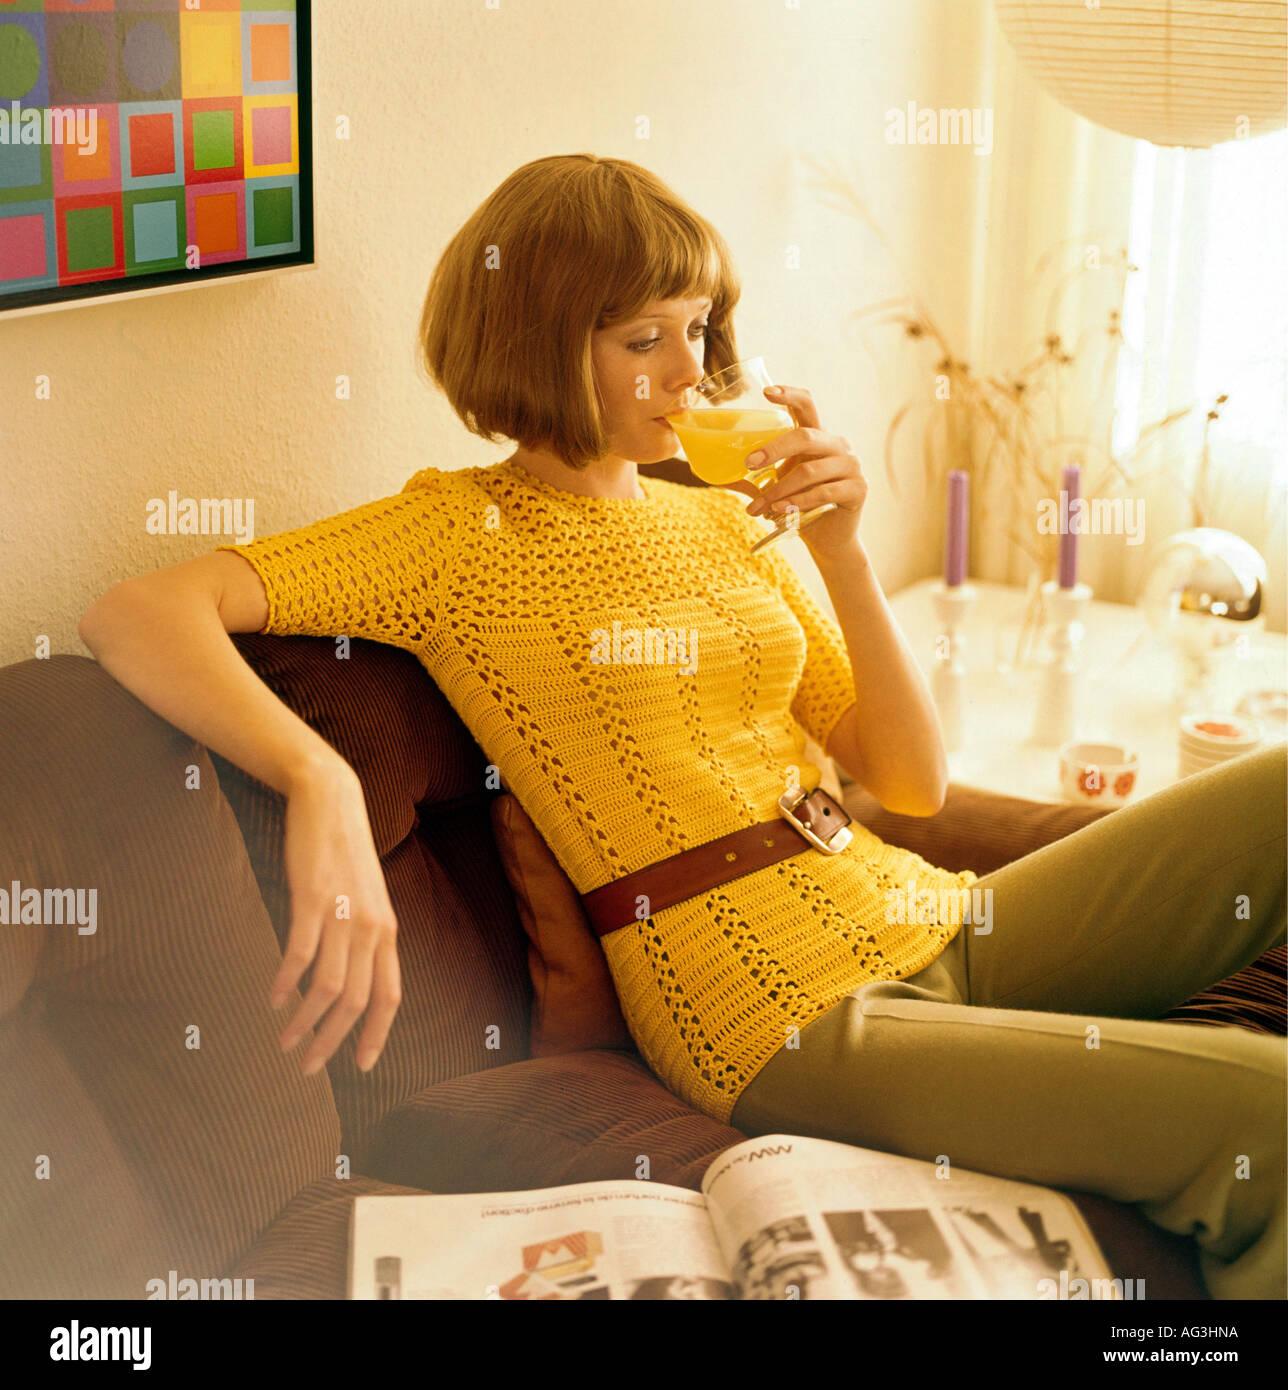 Menschen, Frauen, 1960er Jahre, Frau sitzt auf einem Sofa und trinken Orangensaft, halbe Länge, Mode, 60s, historischen, geschichtlichen, Pullover, andere als aus Gewirken, Häkeln, Pageboy Stil, 20, weiblich, Additional-Rights-Spiel-NA Stockbild